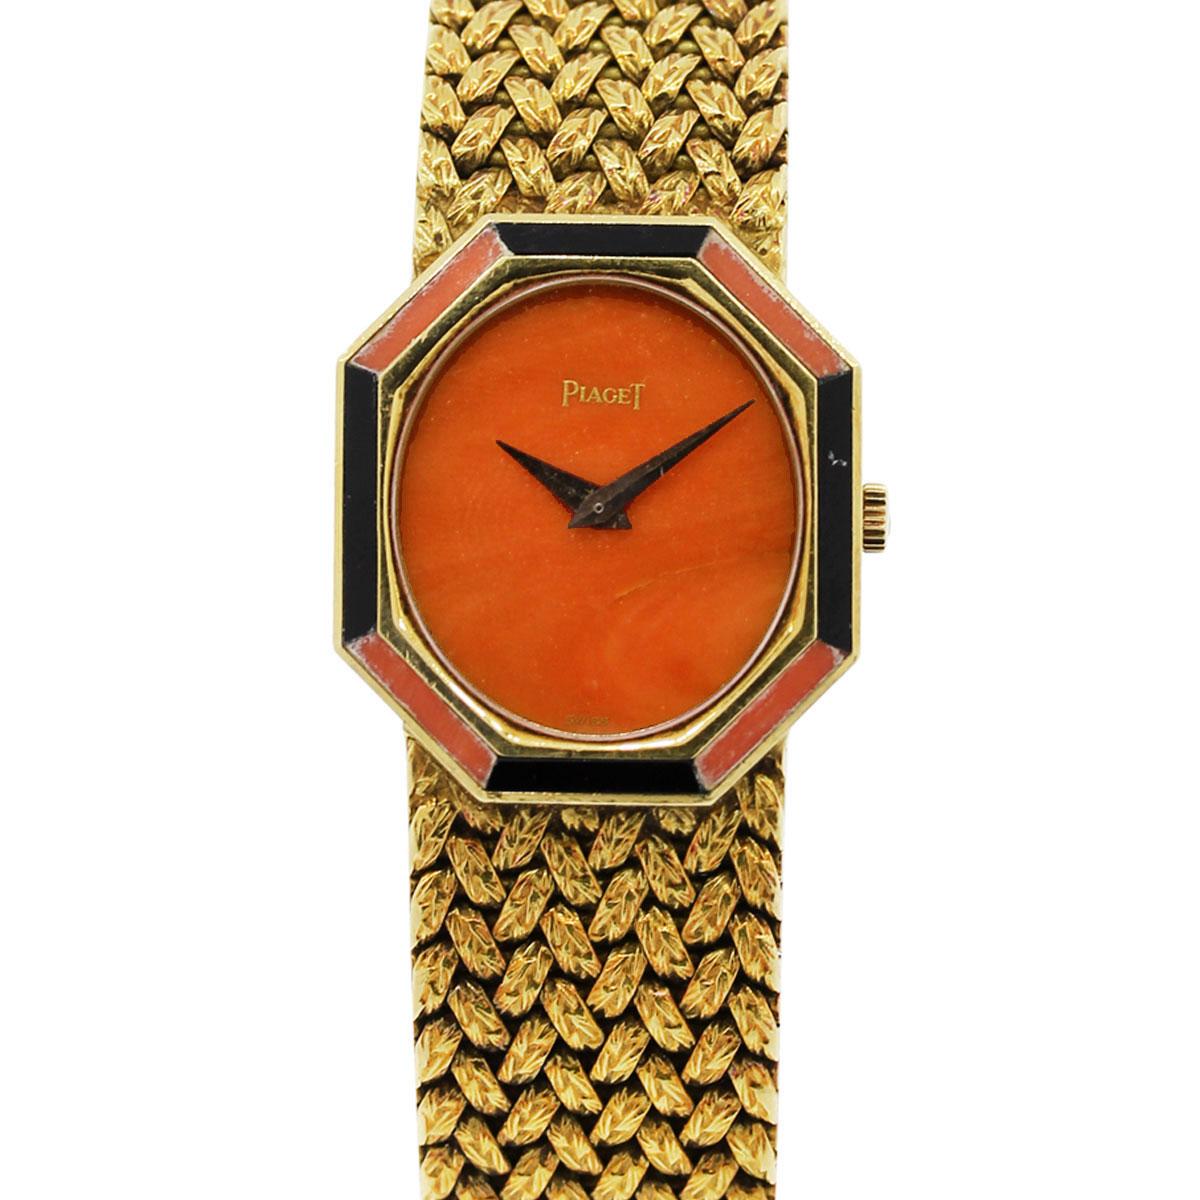 Piaget P341D2 Onyx Vintage Ladies Watch